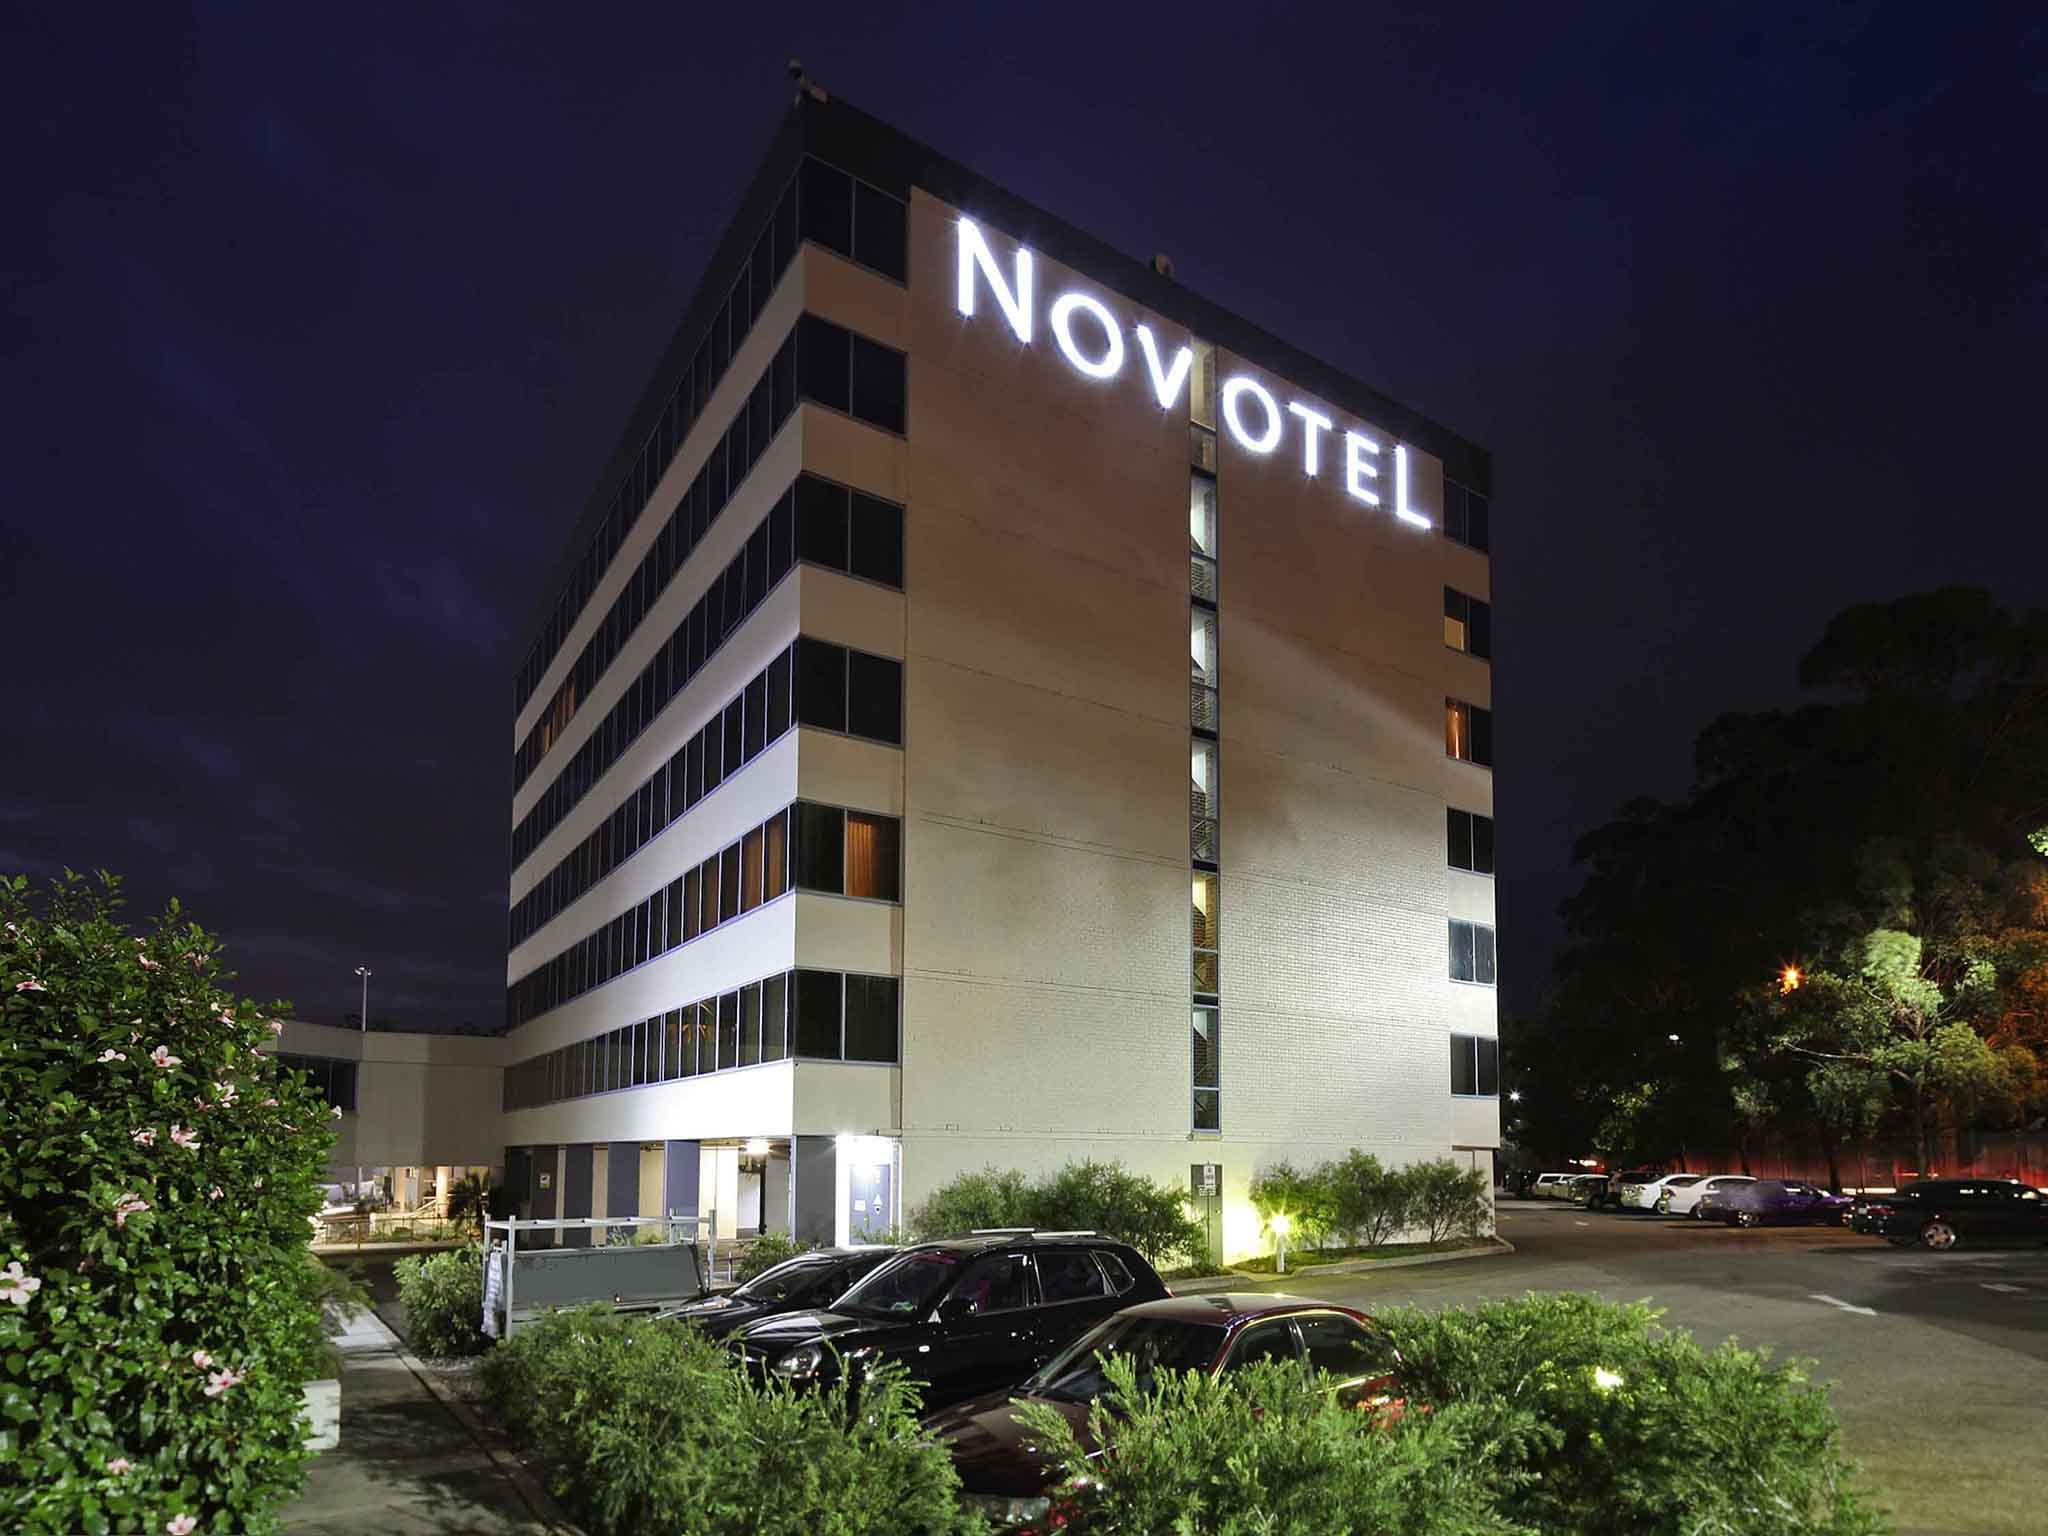 فندق - نوفوتيل Novotel سيدني روتي هيل